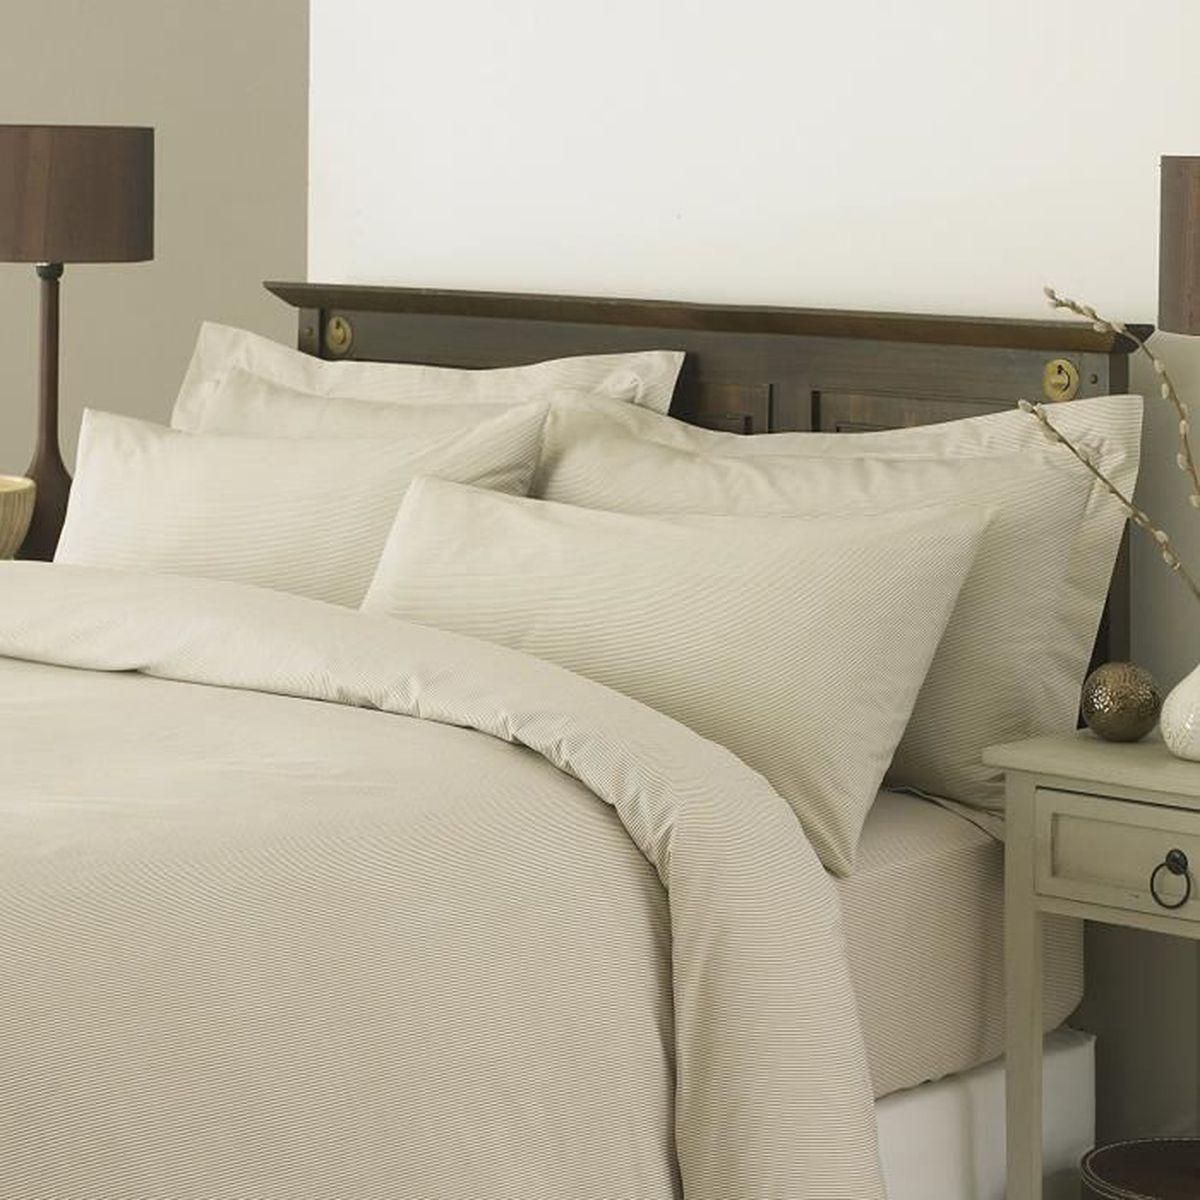 lit encastre achat vente lit encastre pas cher cdiscount. Black Bedroom Furniture Sets. Home Design Ideas